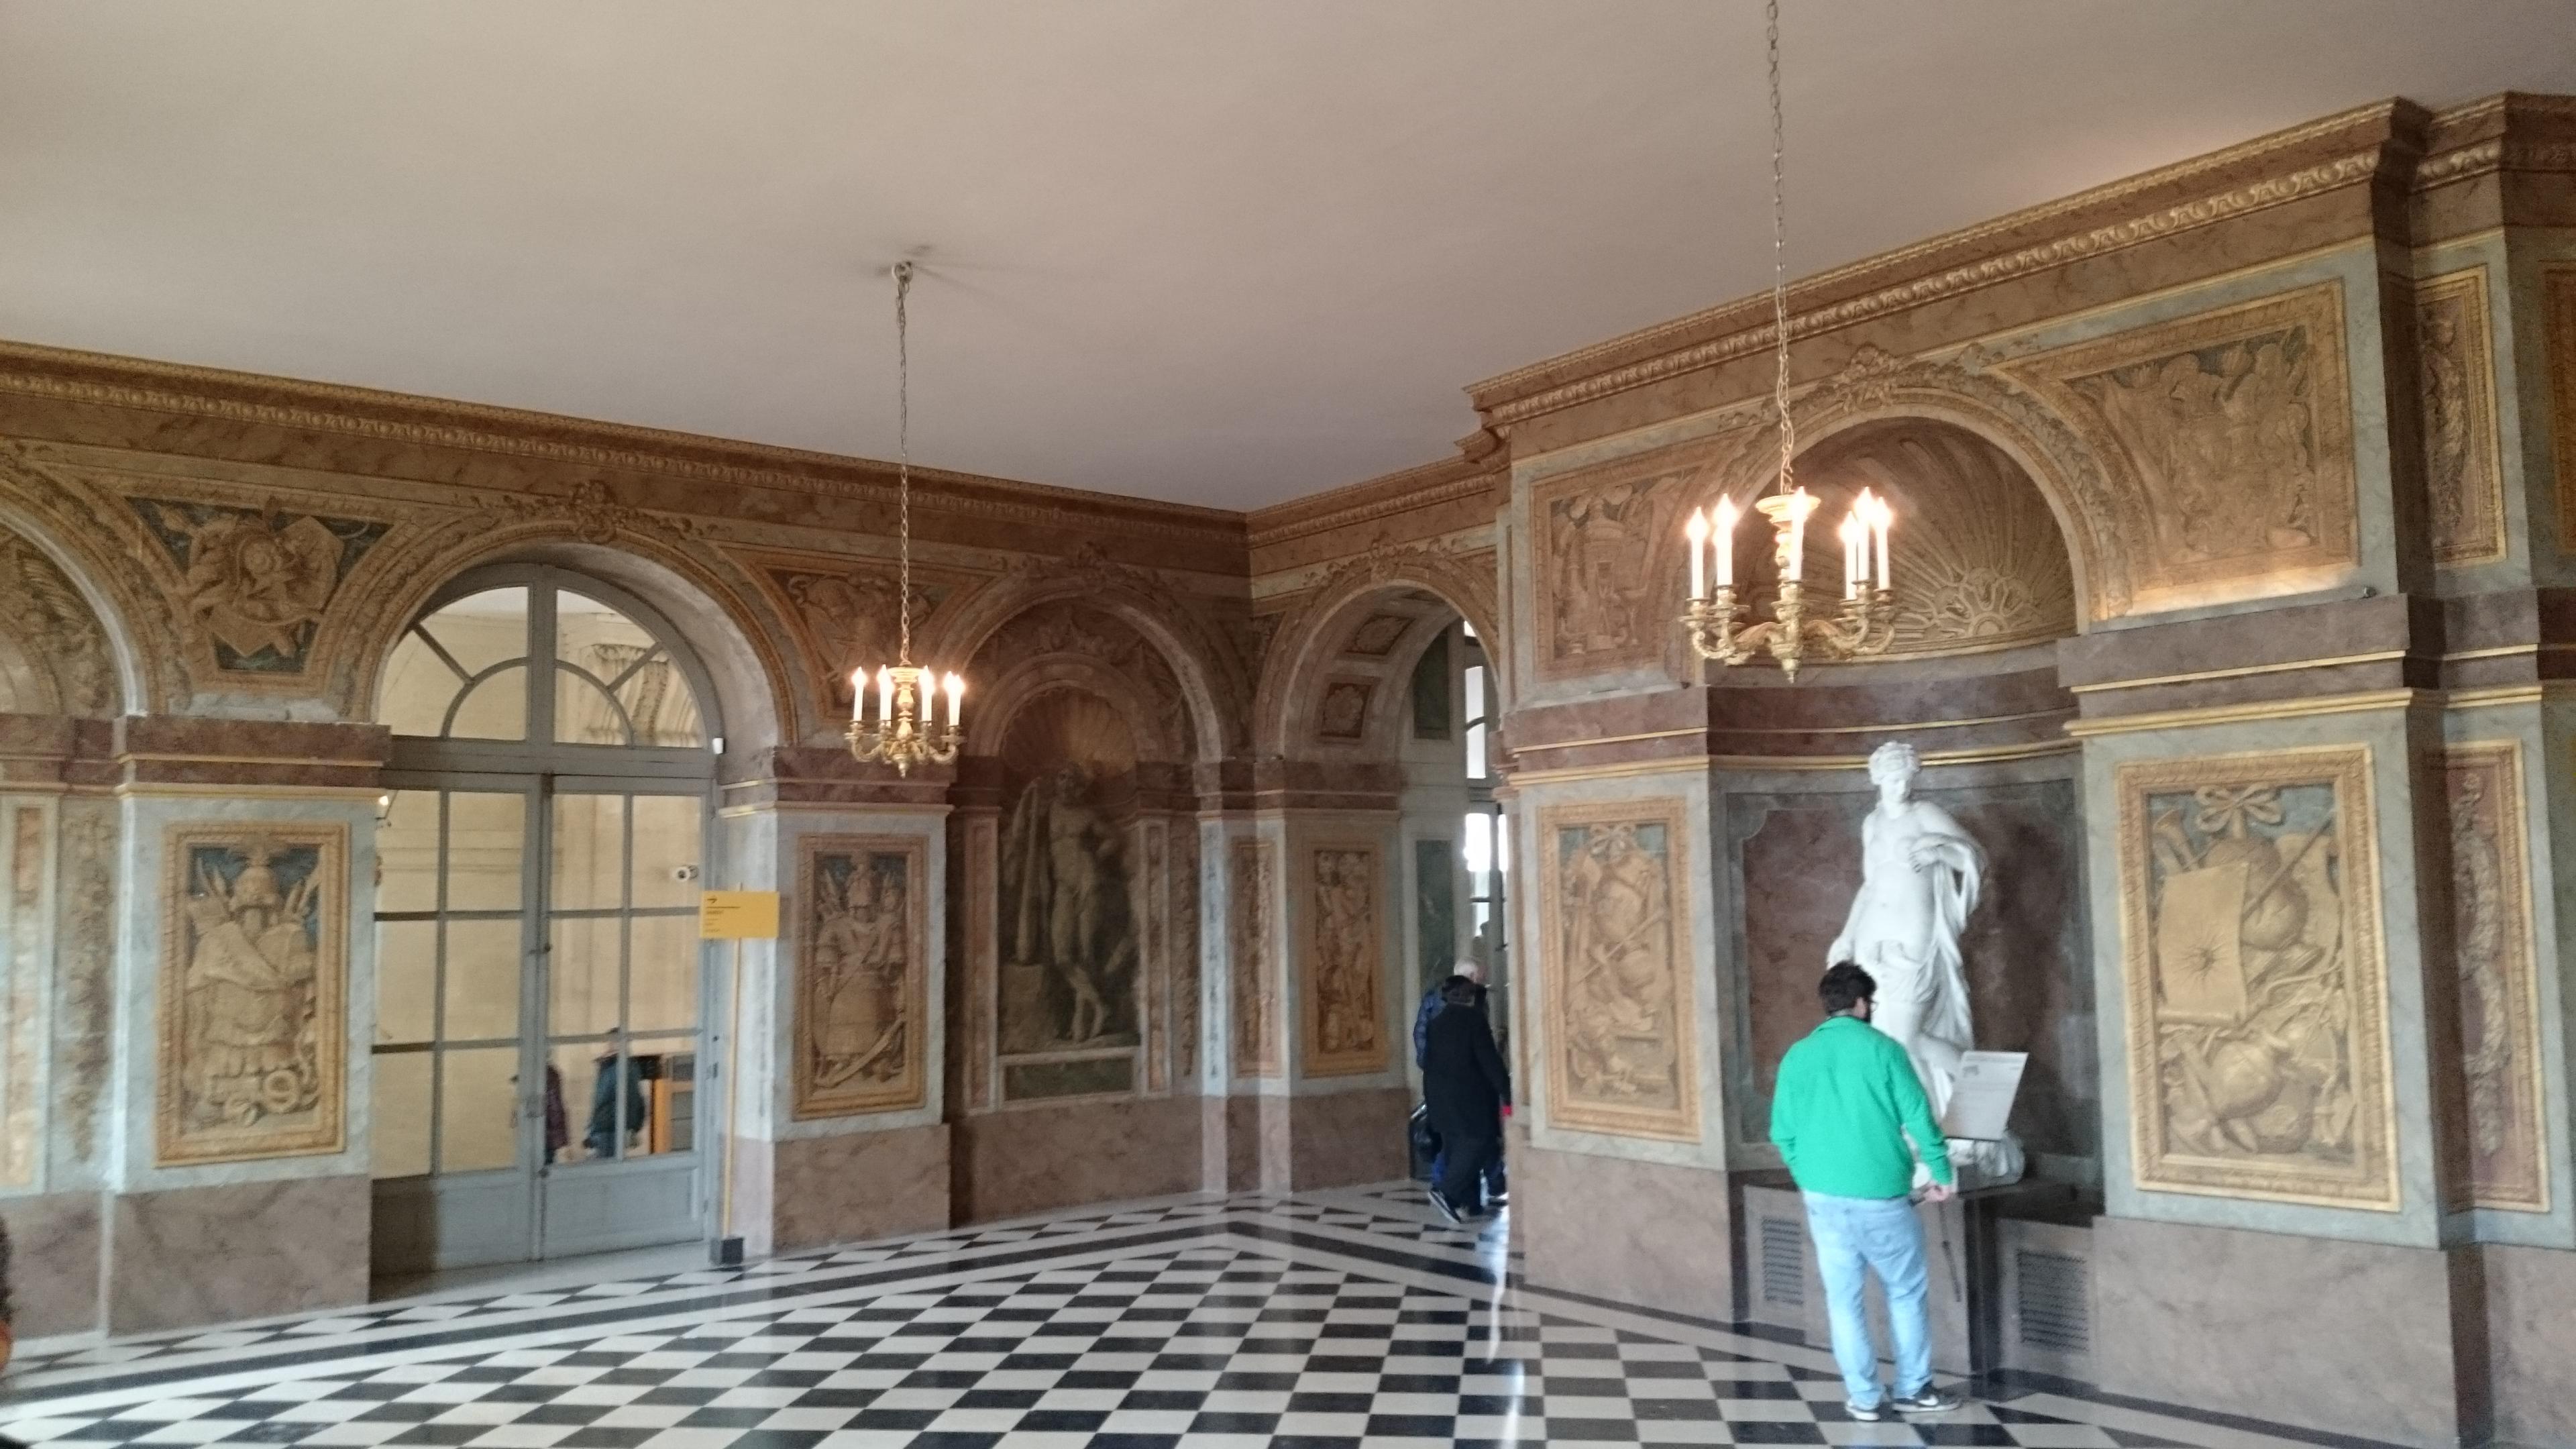 dsc 14301 - Visita al Palacio de Versalles: Como ir, cuanto cuesta y tips III/III